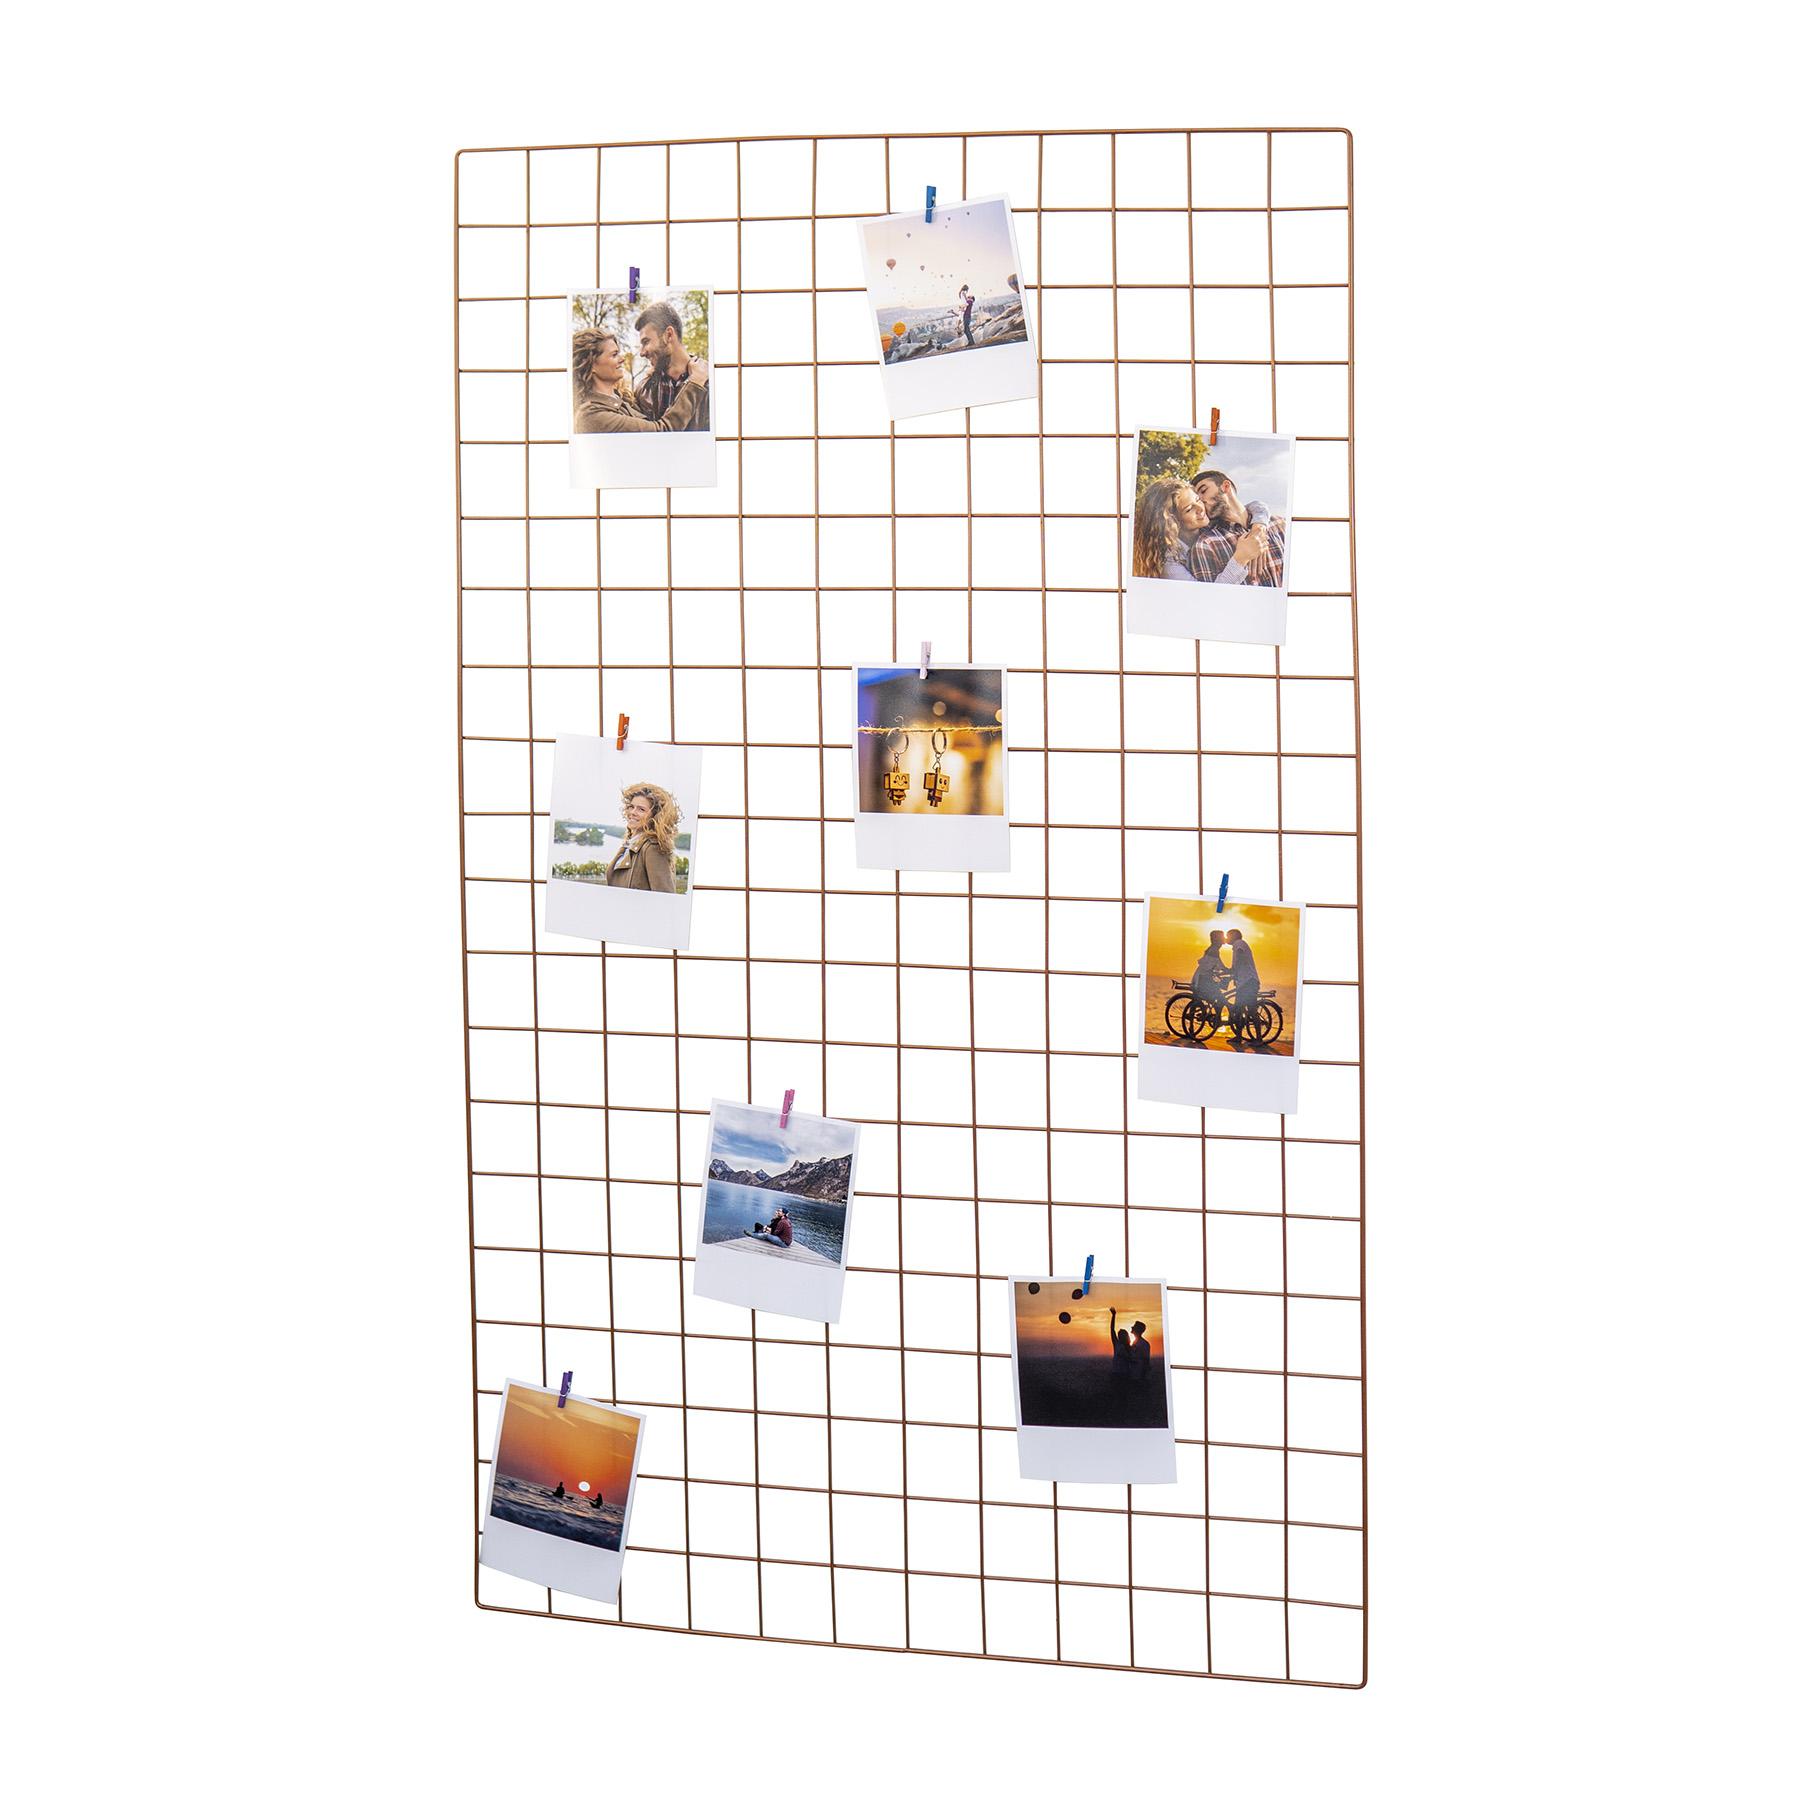 Tela Mural Memory Board 60x100cm Rosé Gold